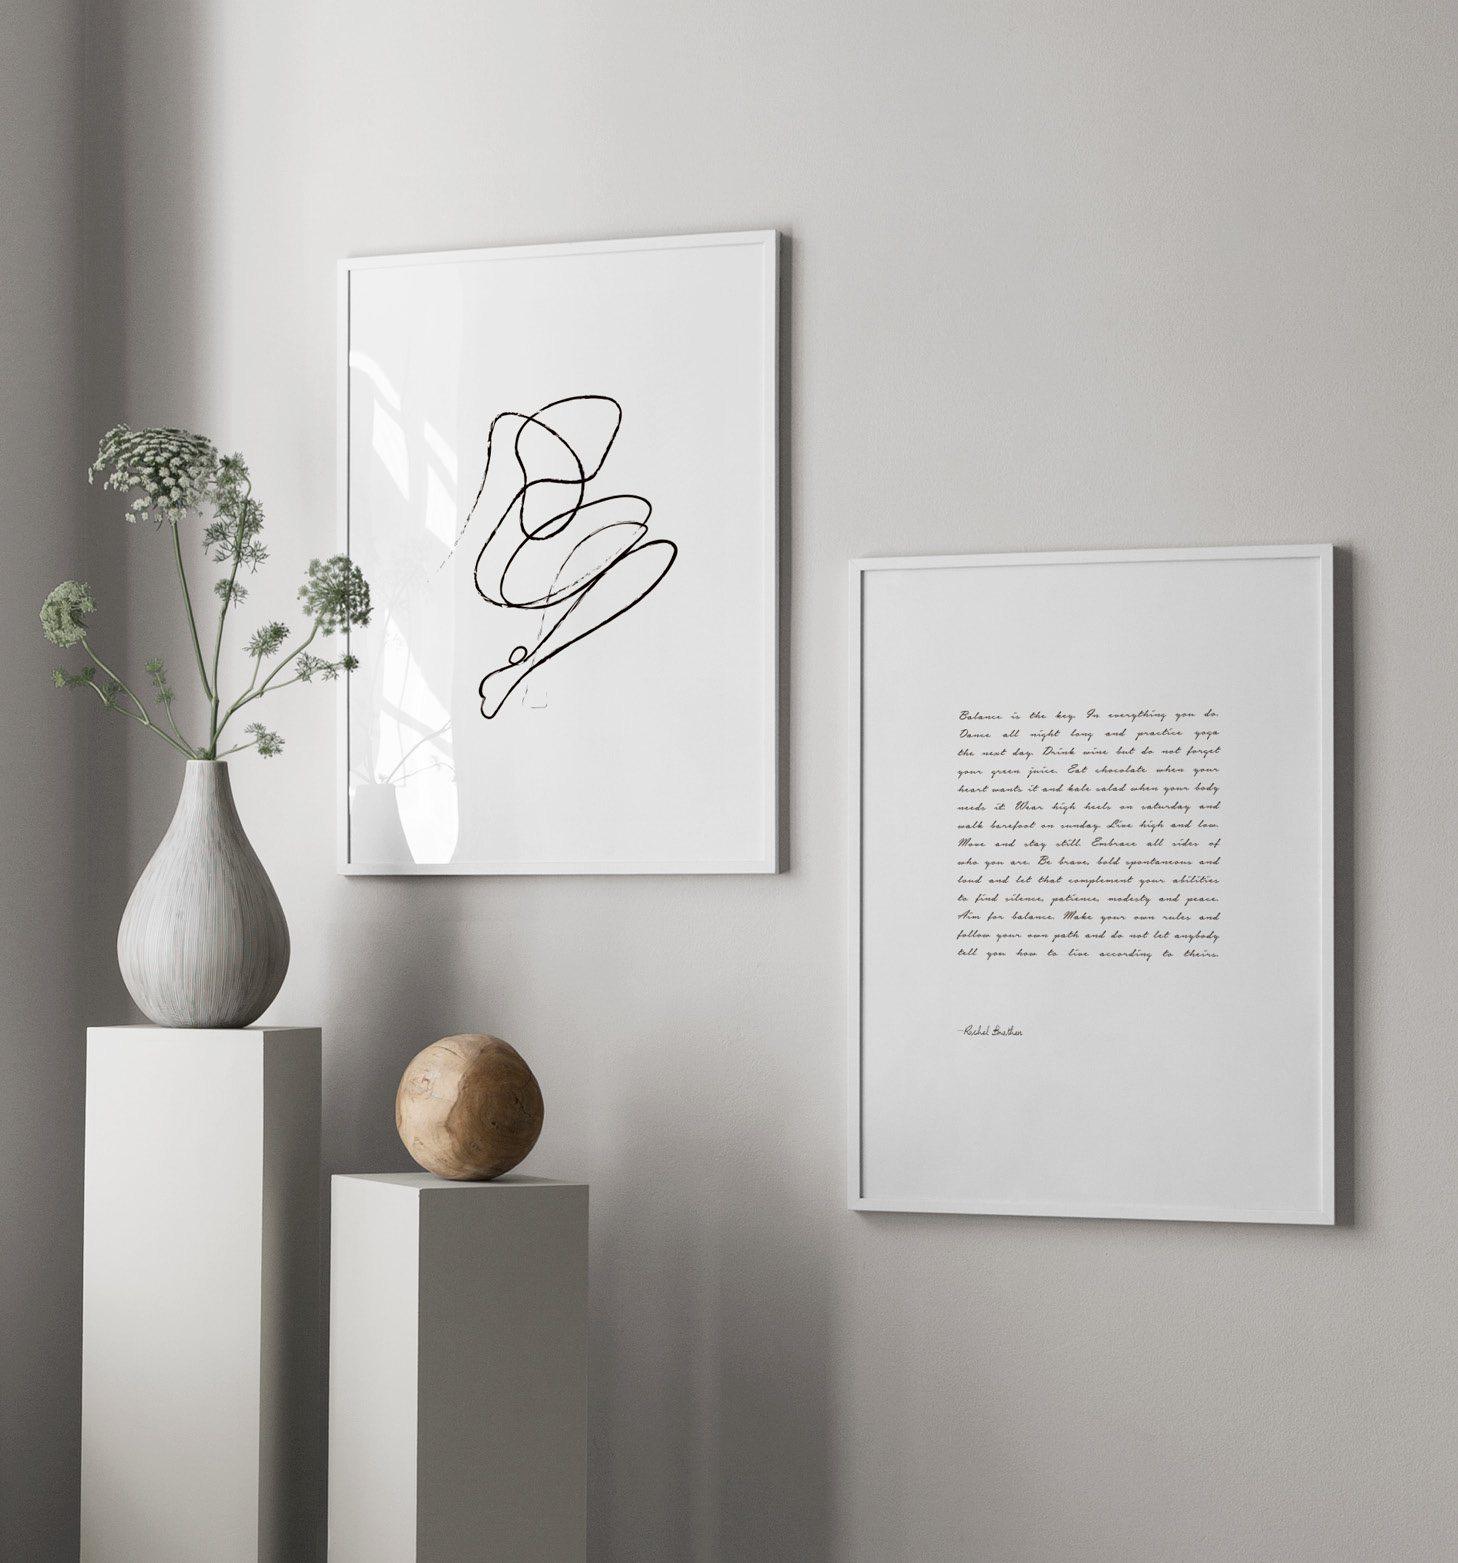 Ljus inredning med piedestal och minimalistisk konst